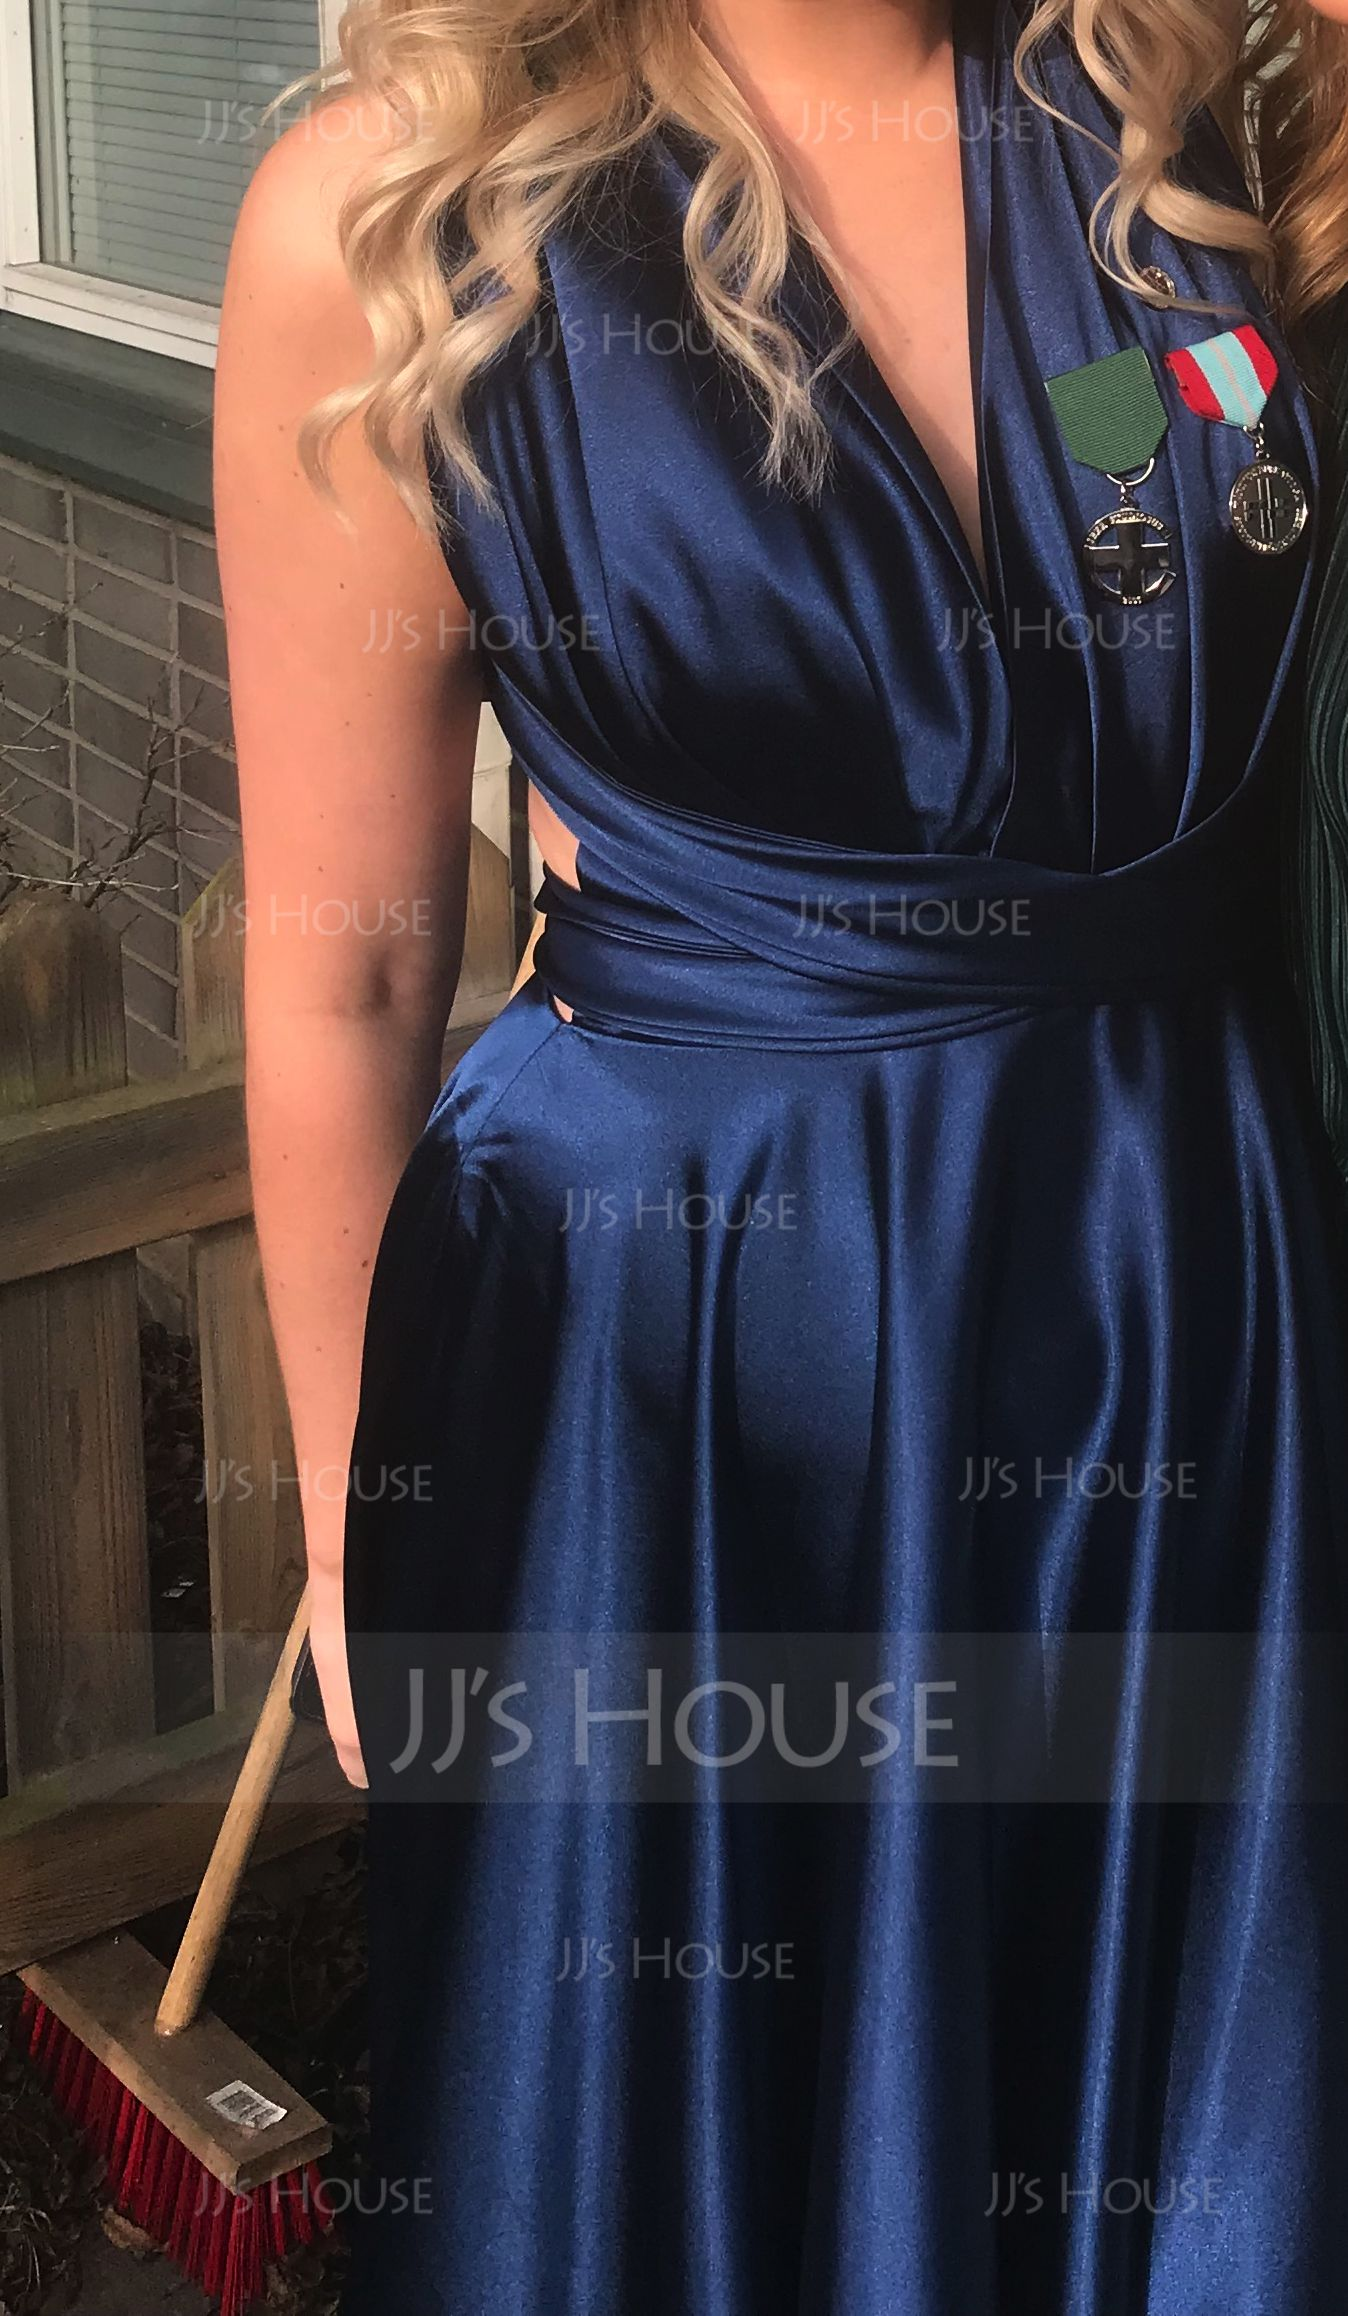 Världens finaste klänning. Tyget känns så lyxigt och den sitter verkligen  perfekt och stämmer bra överens med måttguiden. En superelegant 50bcc9eca4331